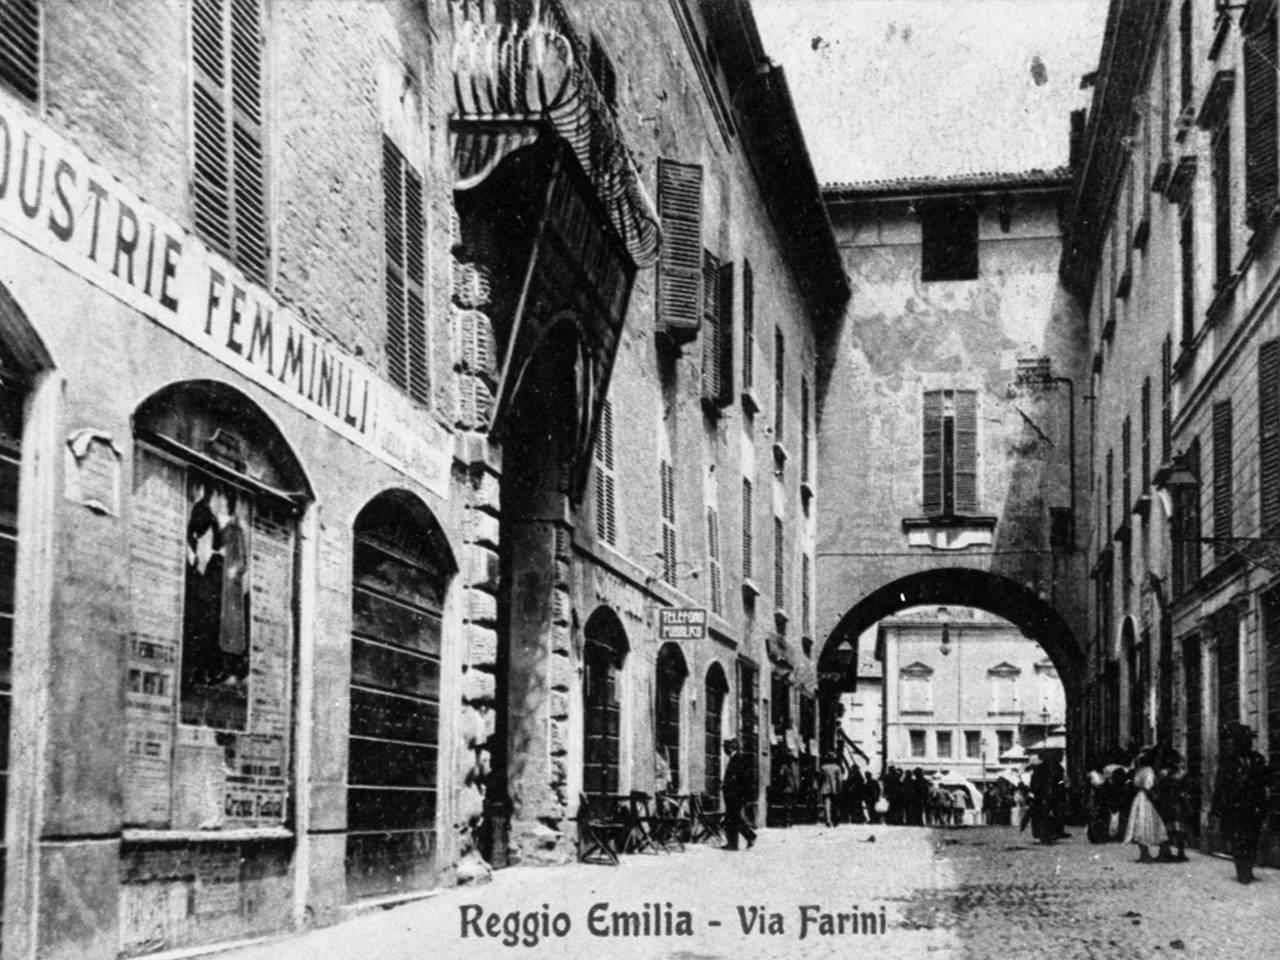 industrie femminili in via farini a Reggio Emilia